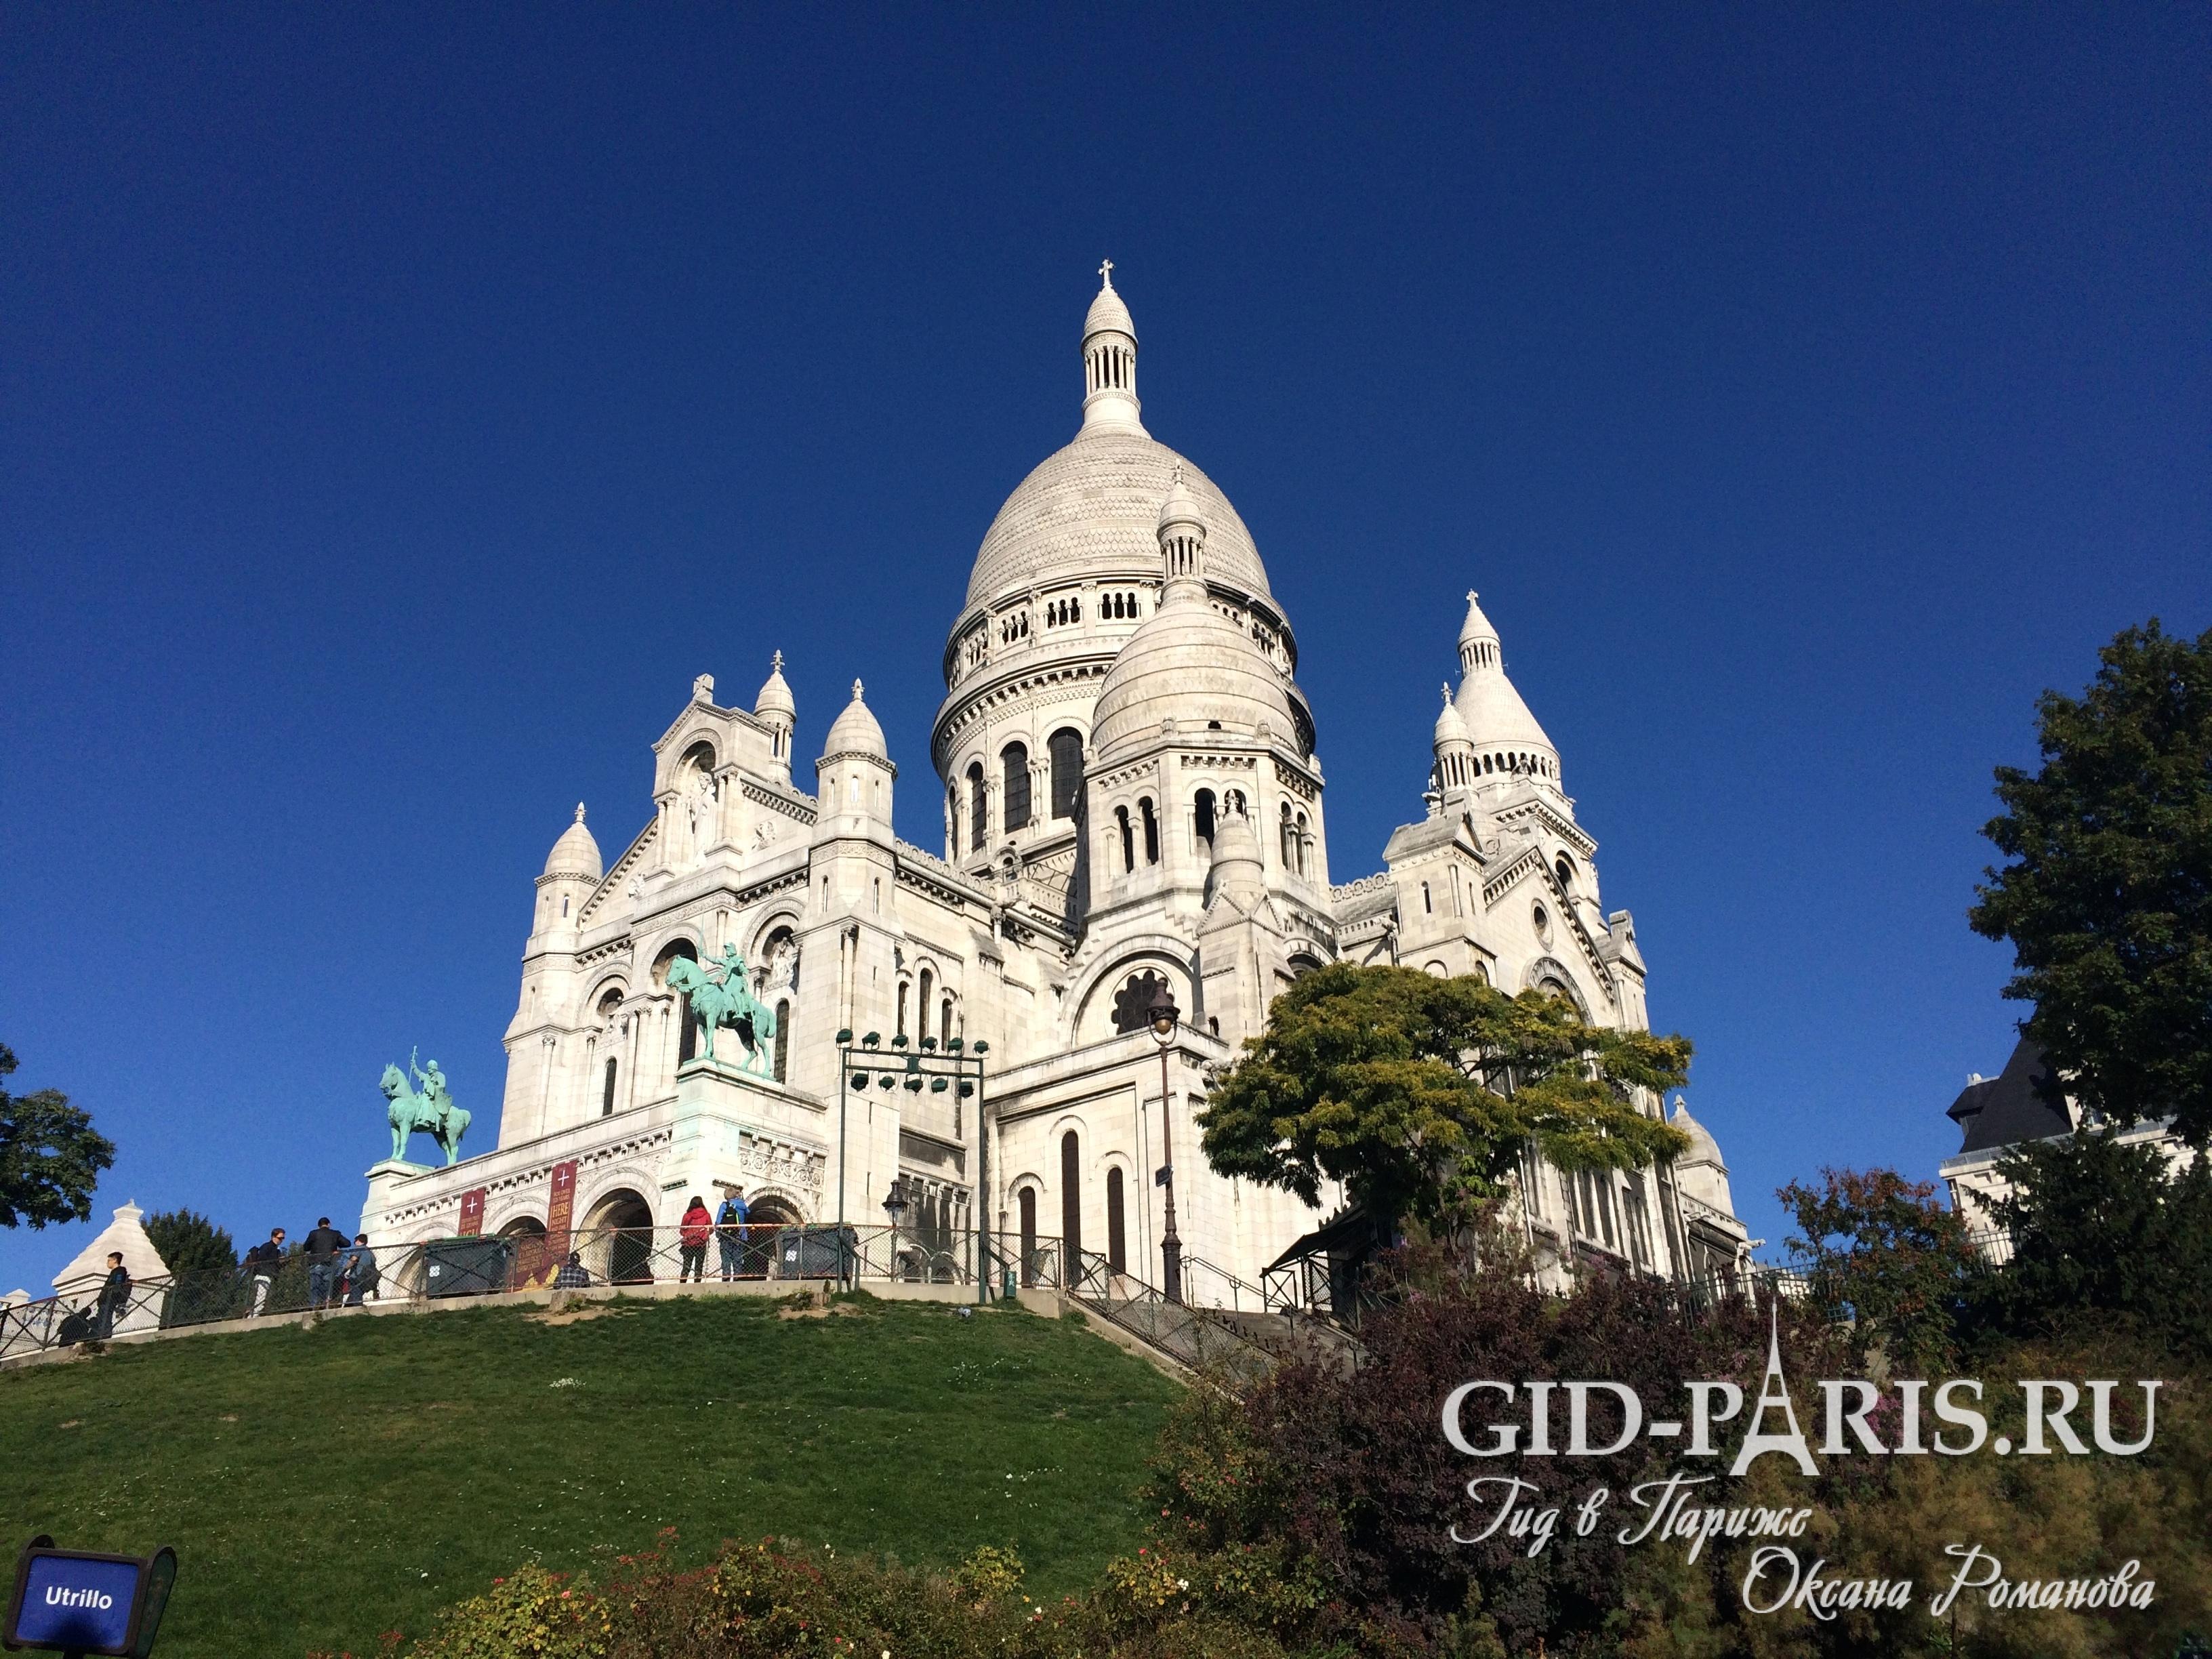 Гид в Париже: «Париж и Монмартр»